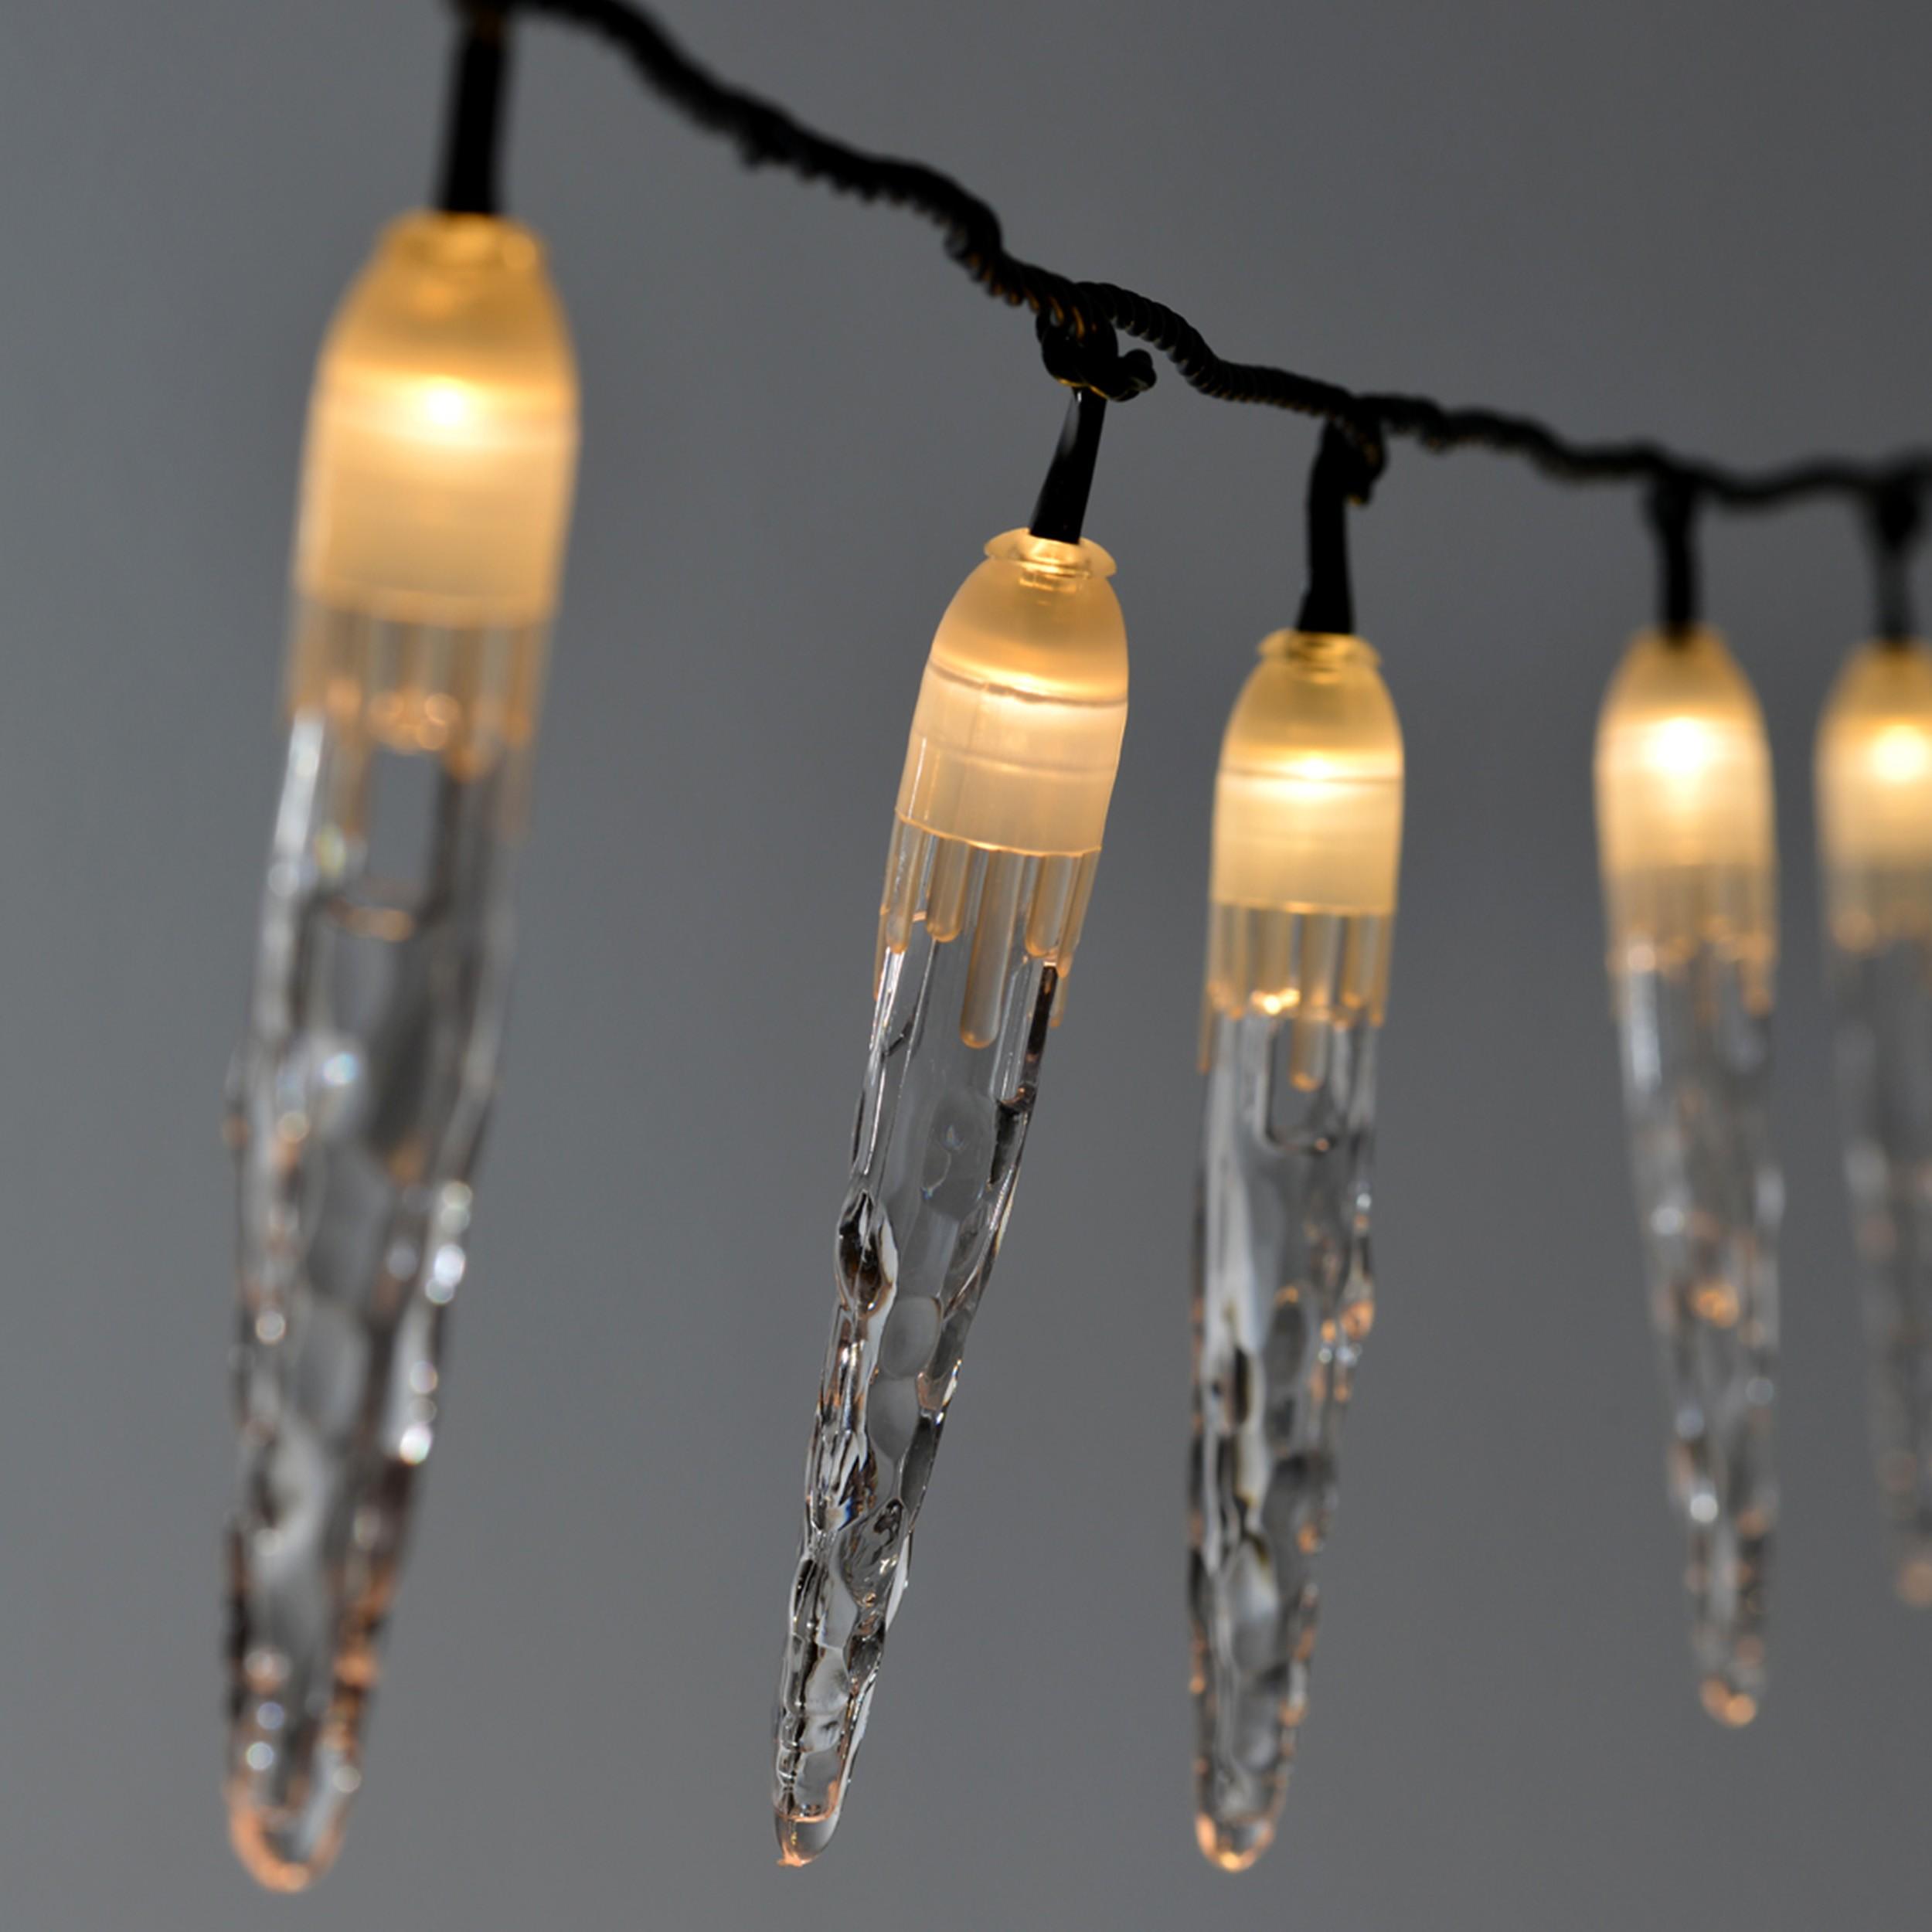 starlight-led-lichterkette-eiszapfen-warmweiss Verwunderlich Led Lichterkette 20 Meter Dekorationen